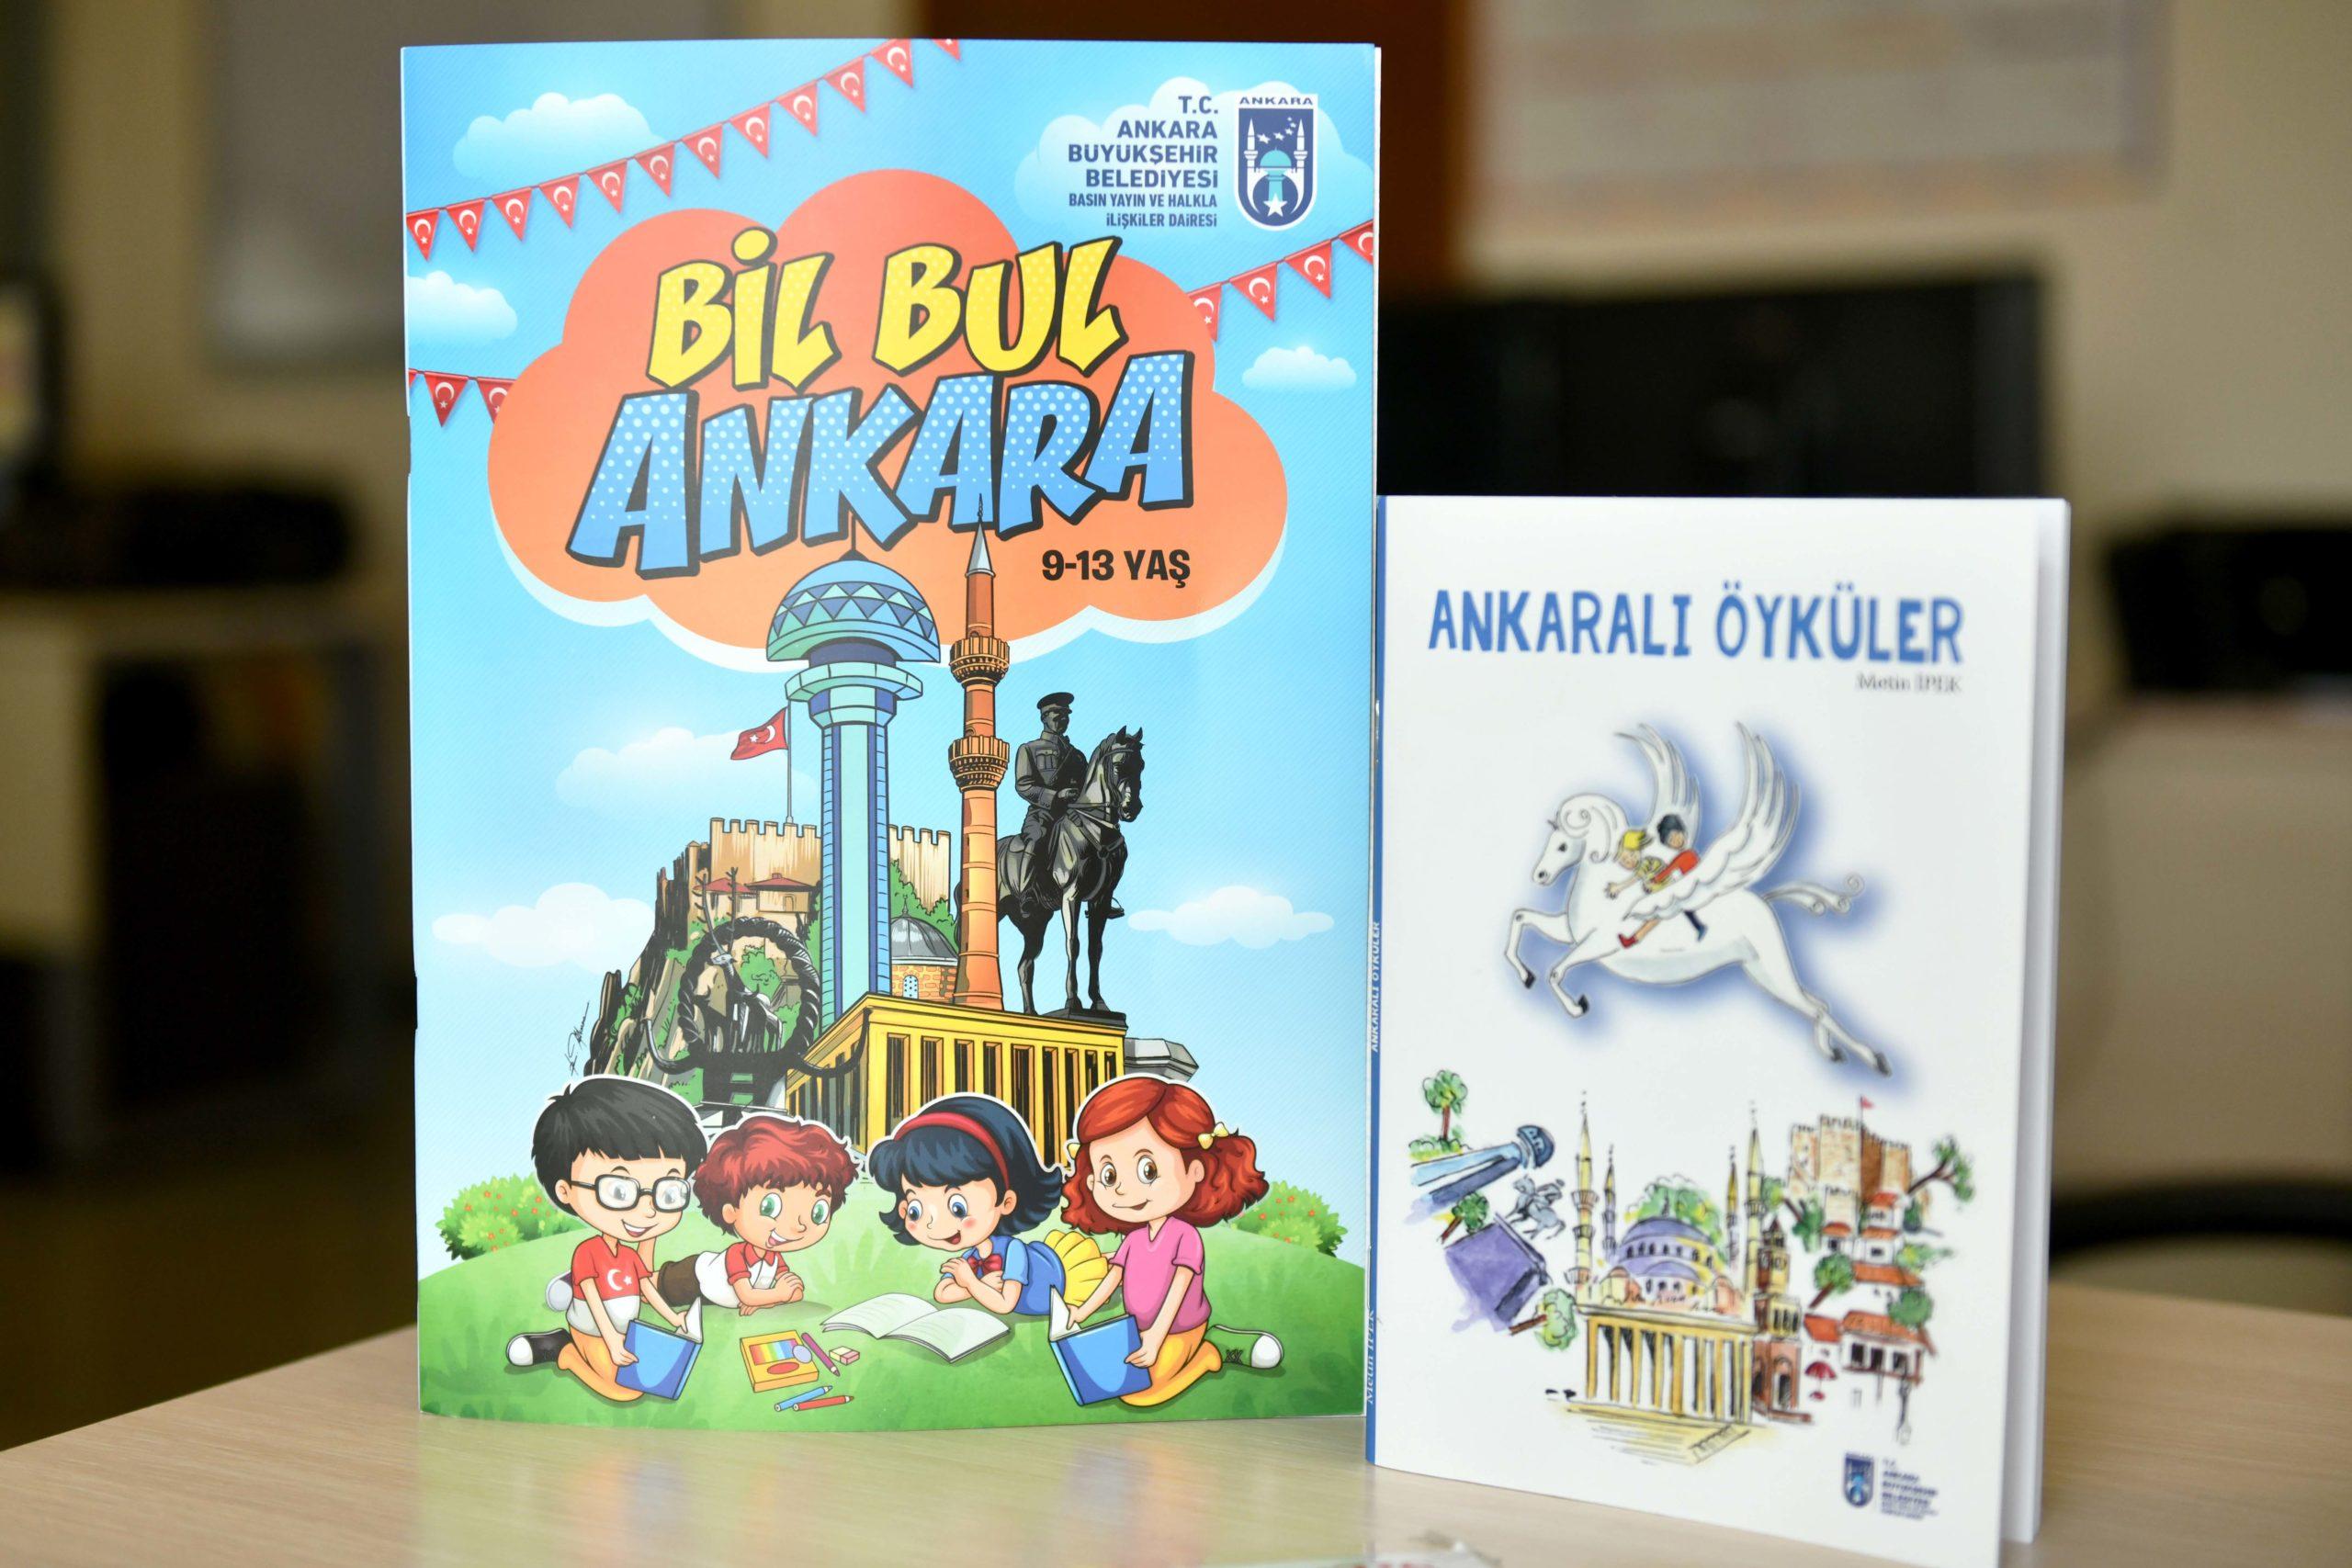 Başkentte Aidiyet Kültürü Kitaplarla Aşılanacak